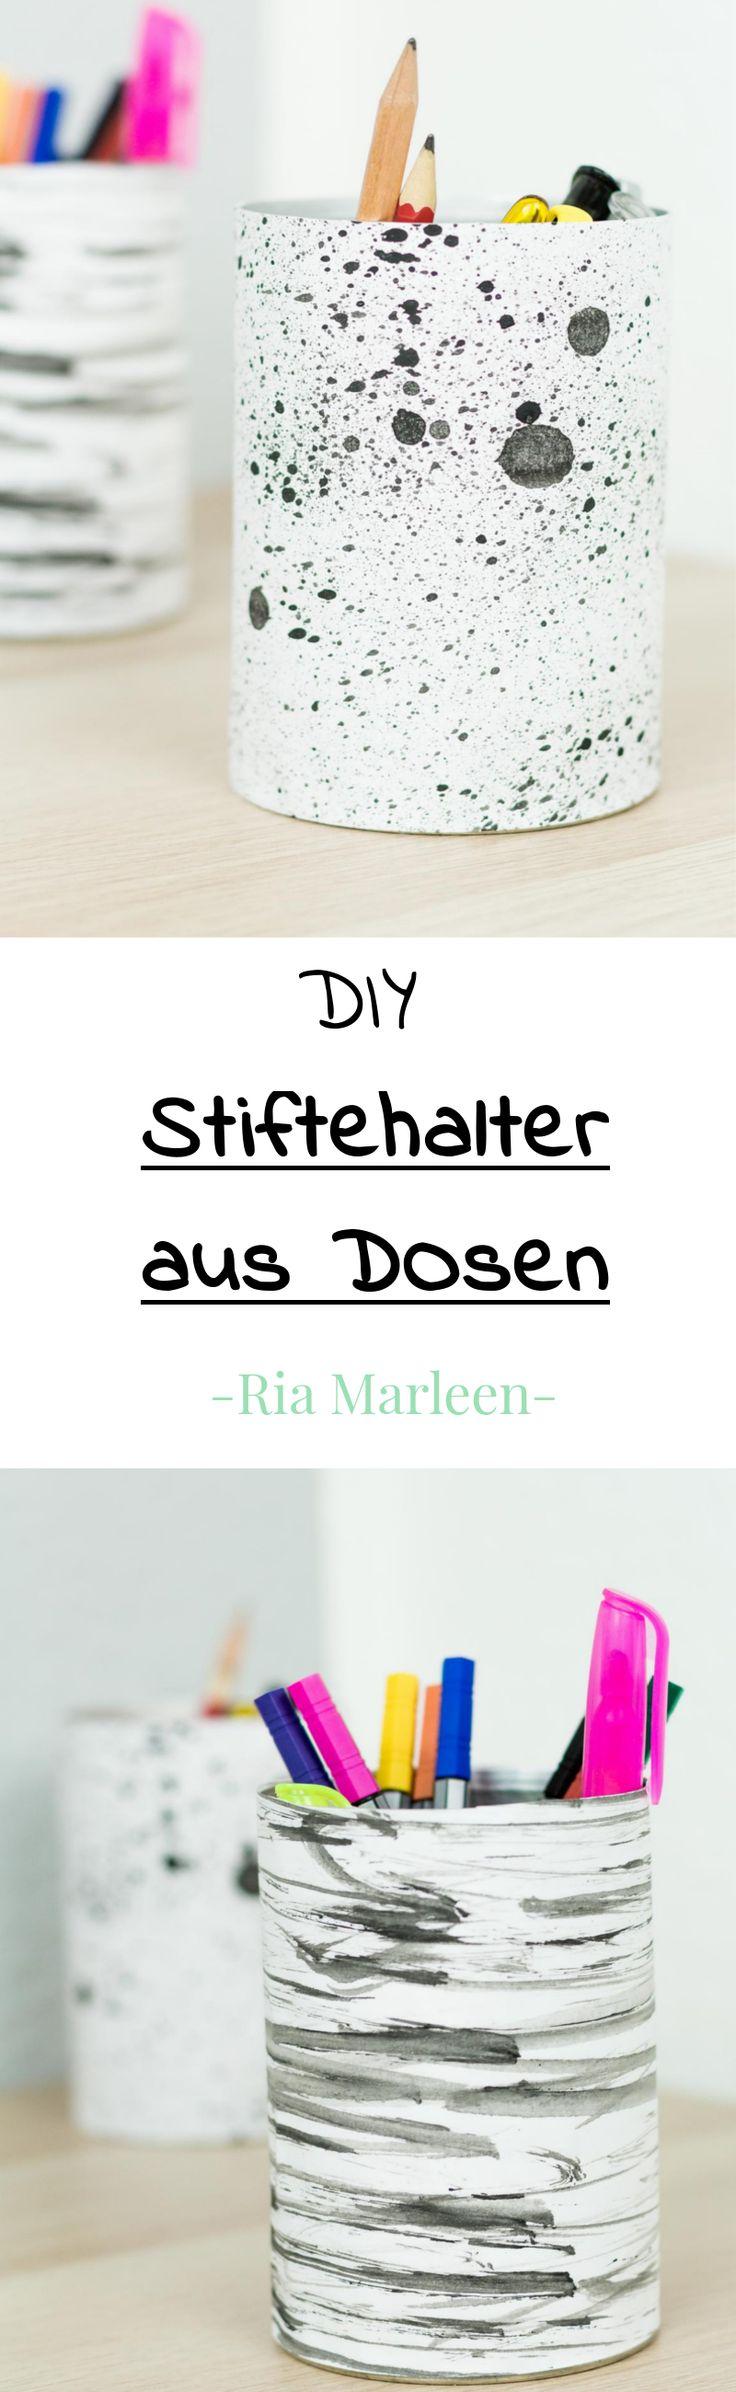 DIY Stiftehalter aus Dosen basteln – einfache und günstige Upcycling Idee – Frau Liebling – DIY Deko, Geschenke und Lettering mit Herz